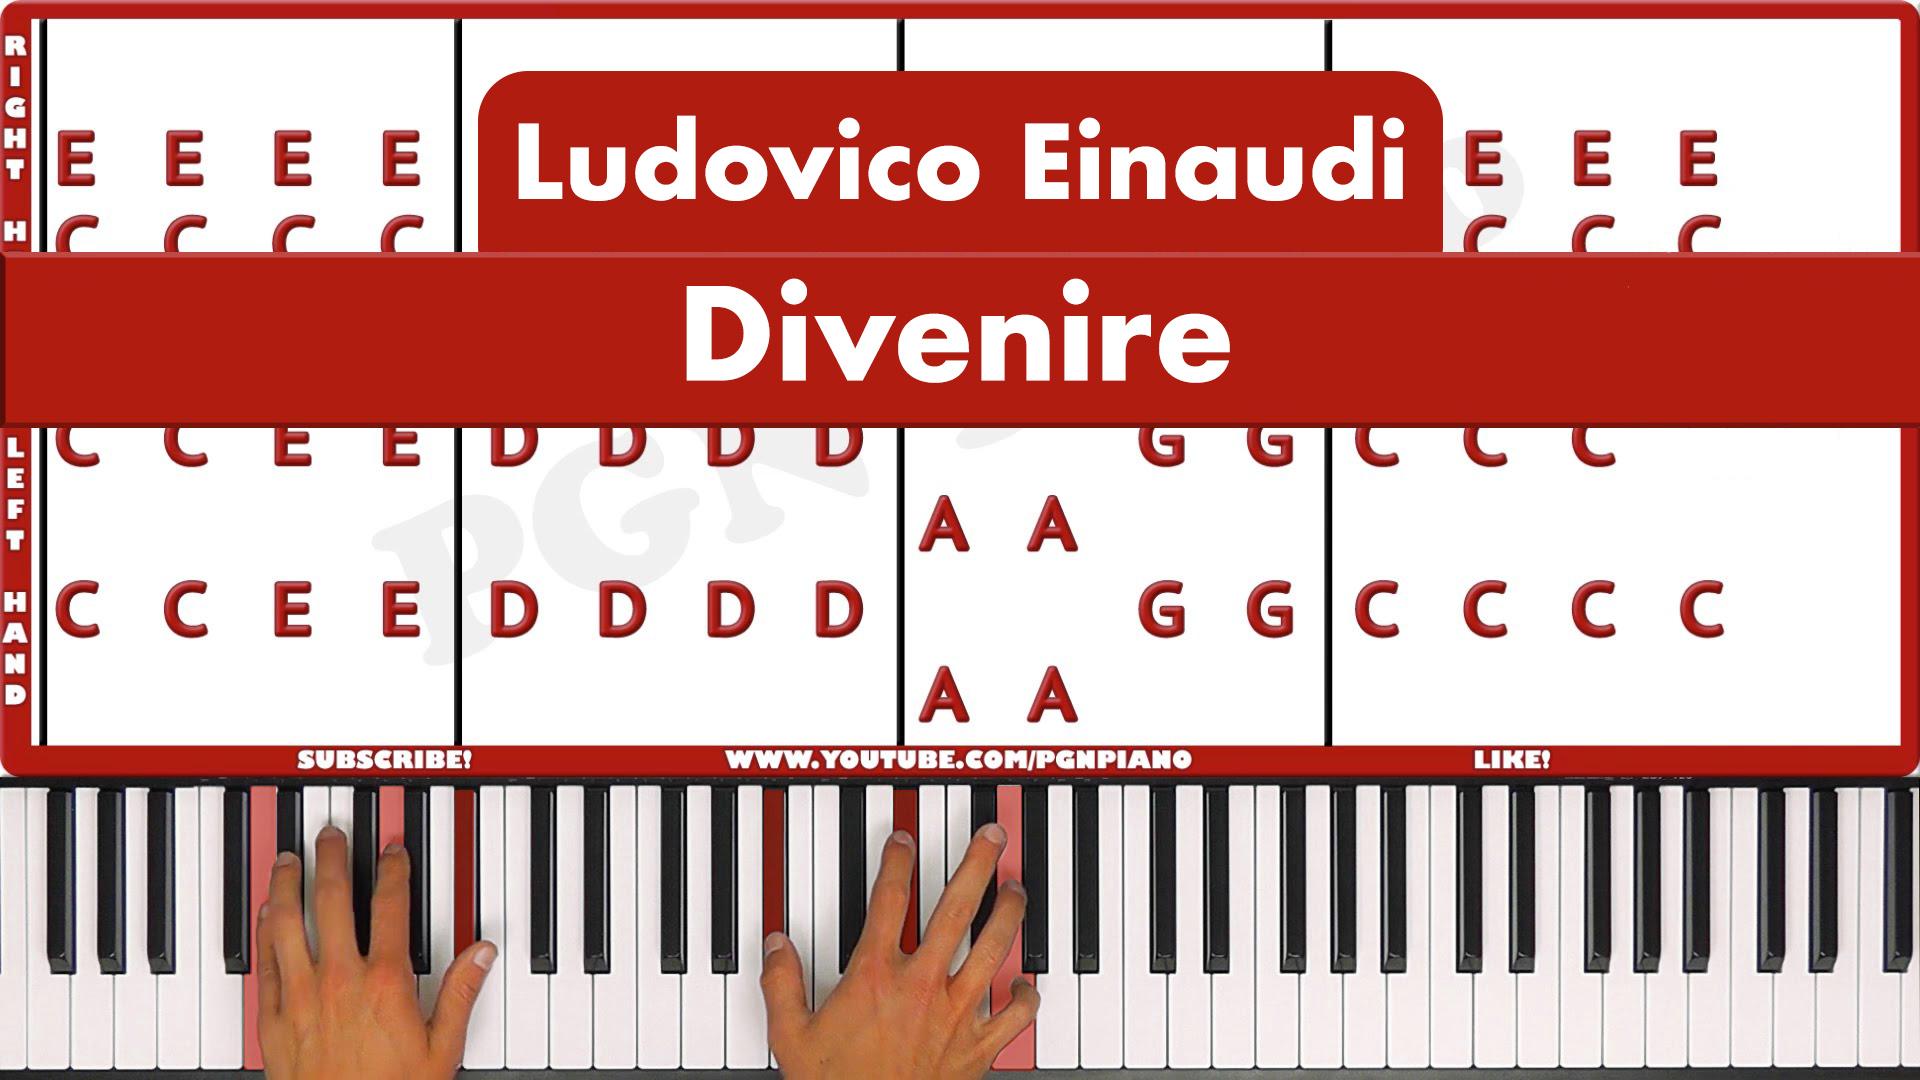 Ludovico Einaudi – Divenire – Original